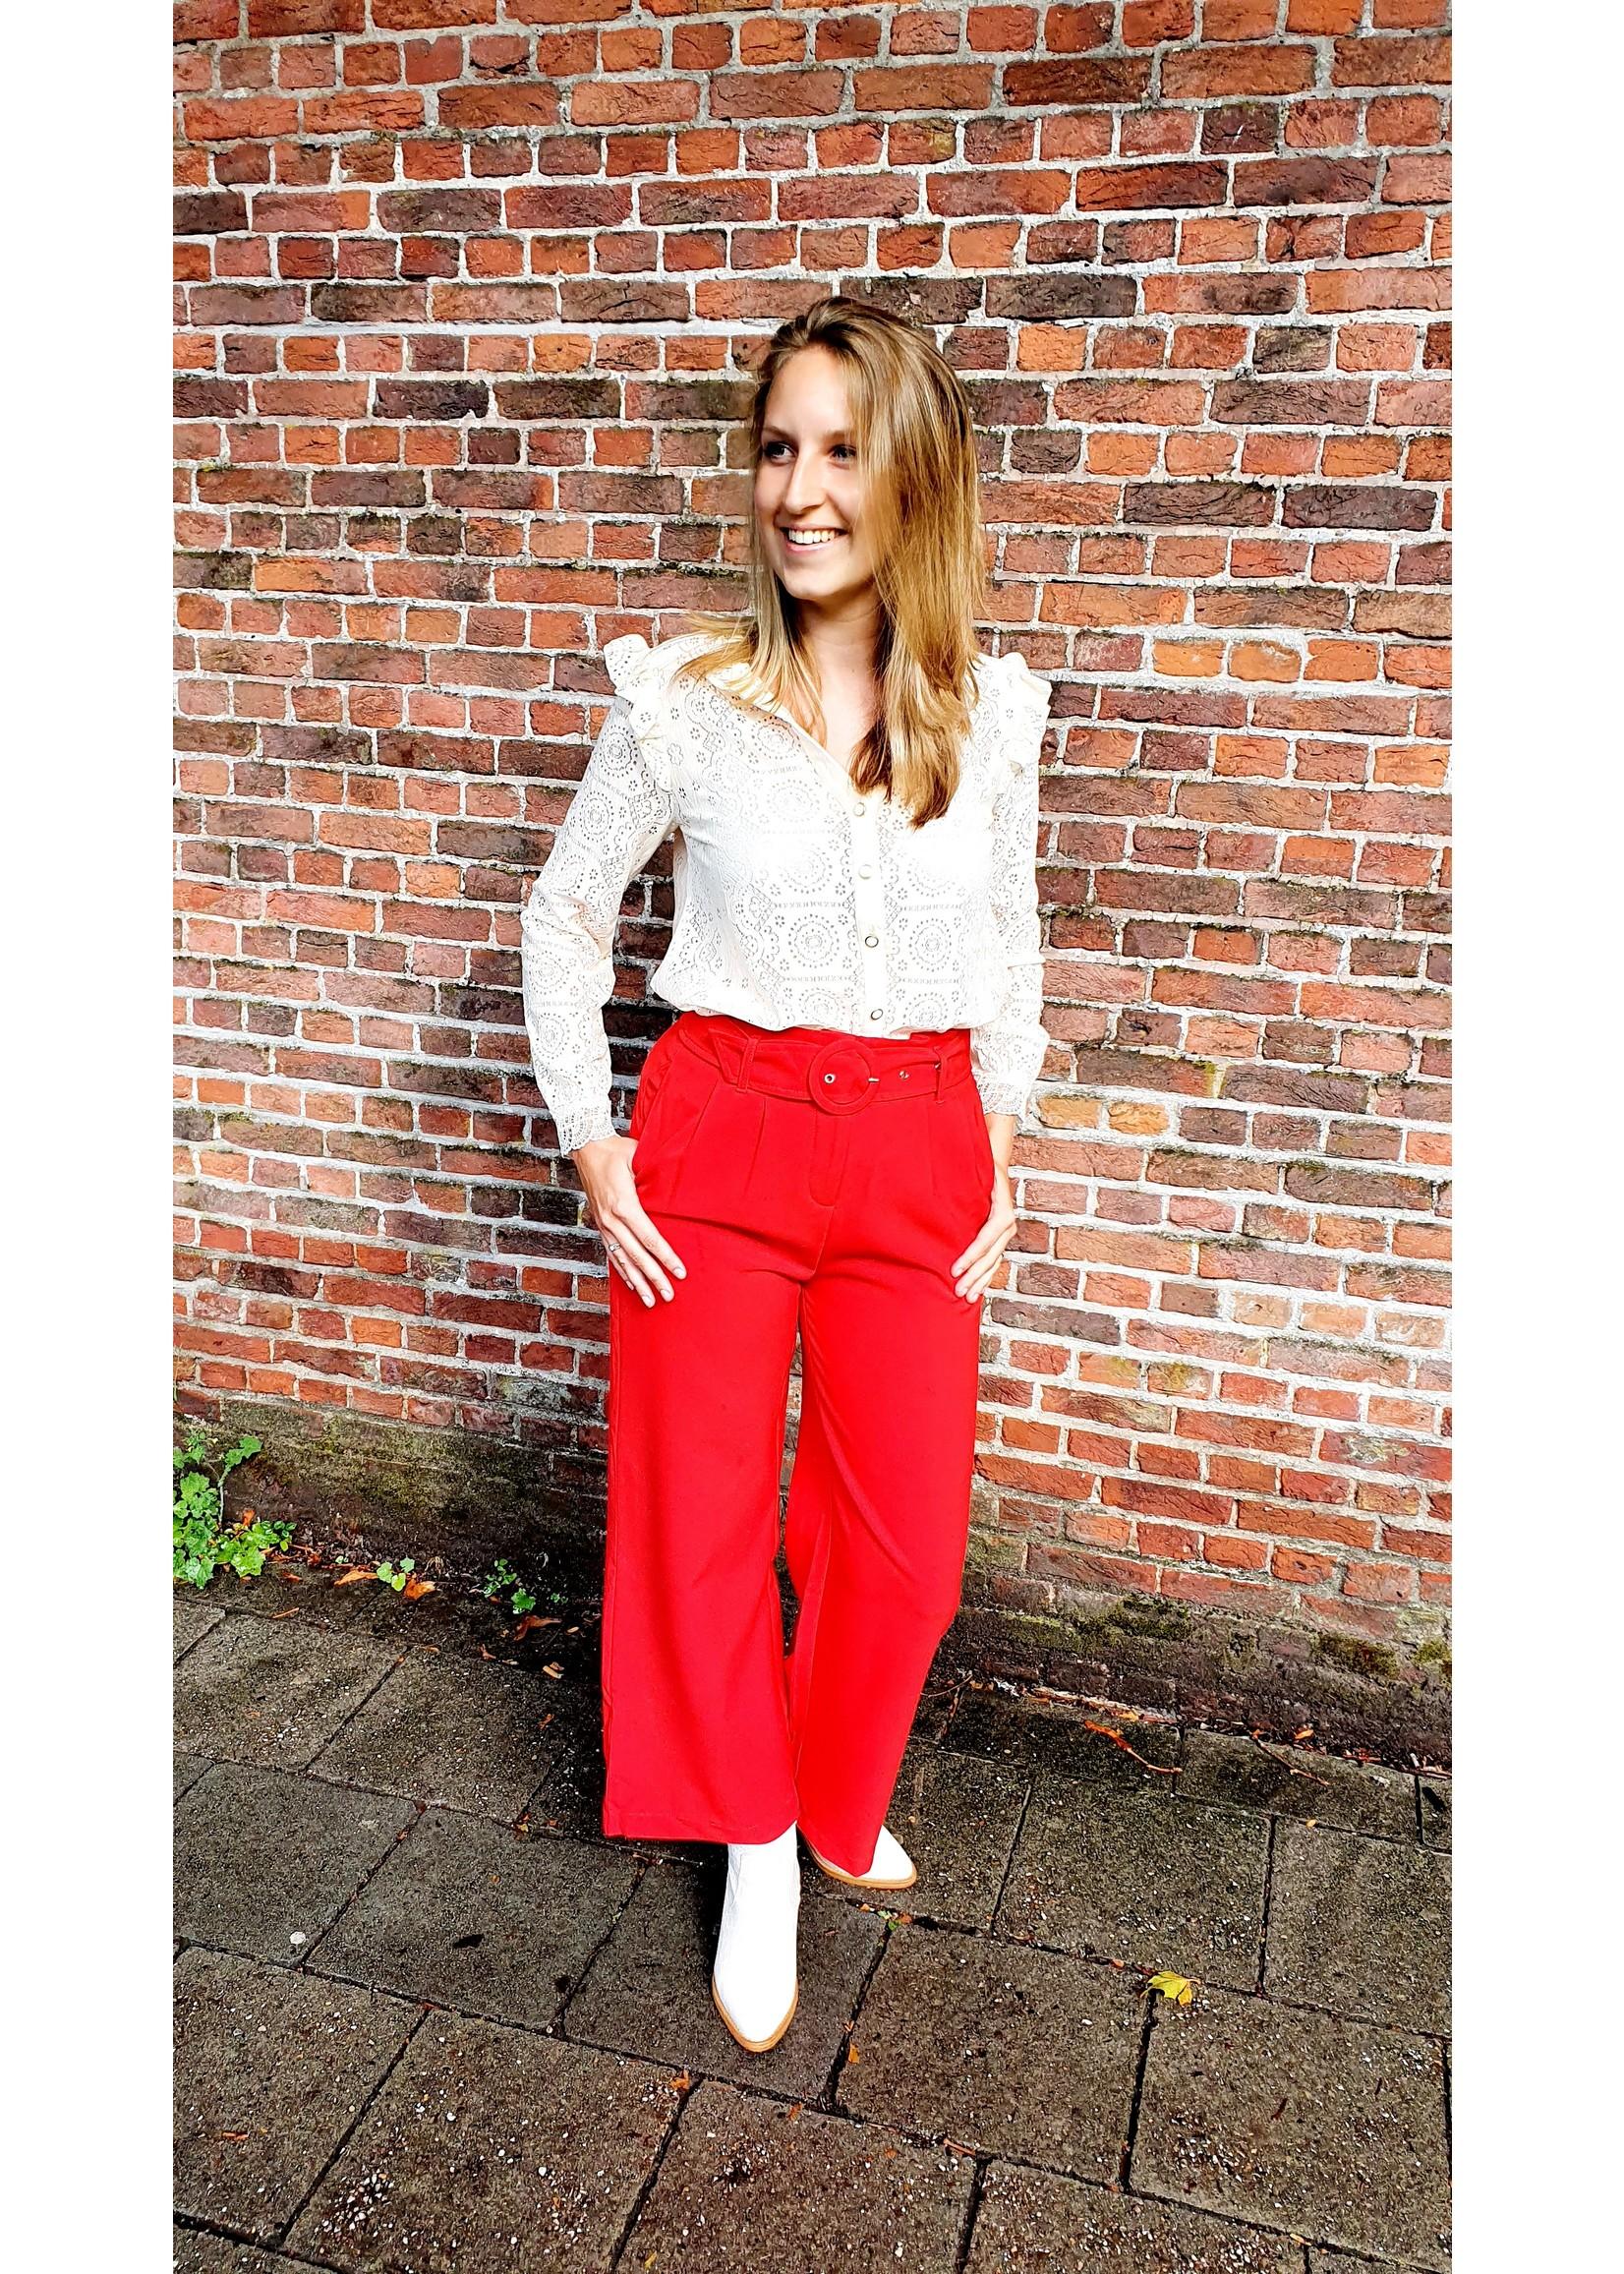 Cherry Paris Officiel Cherry red pantalon